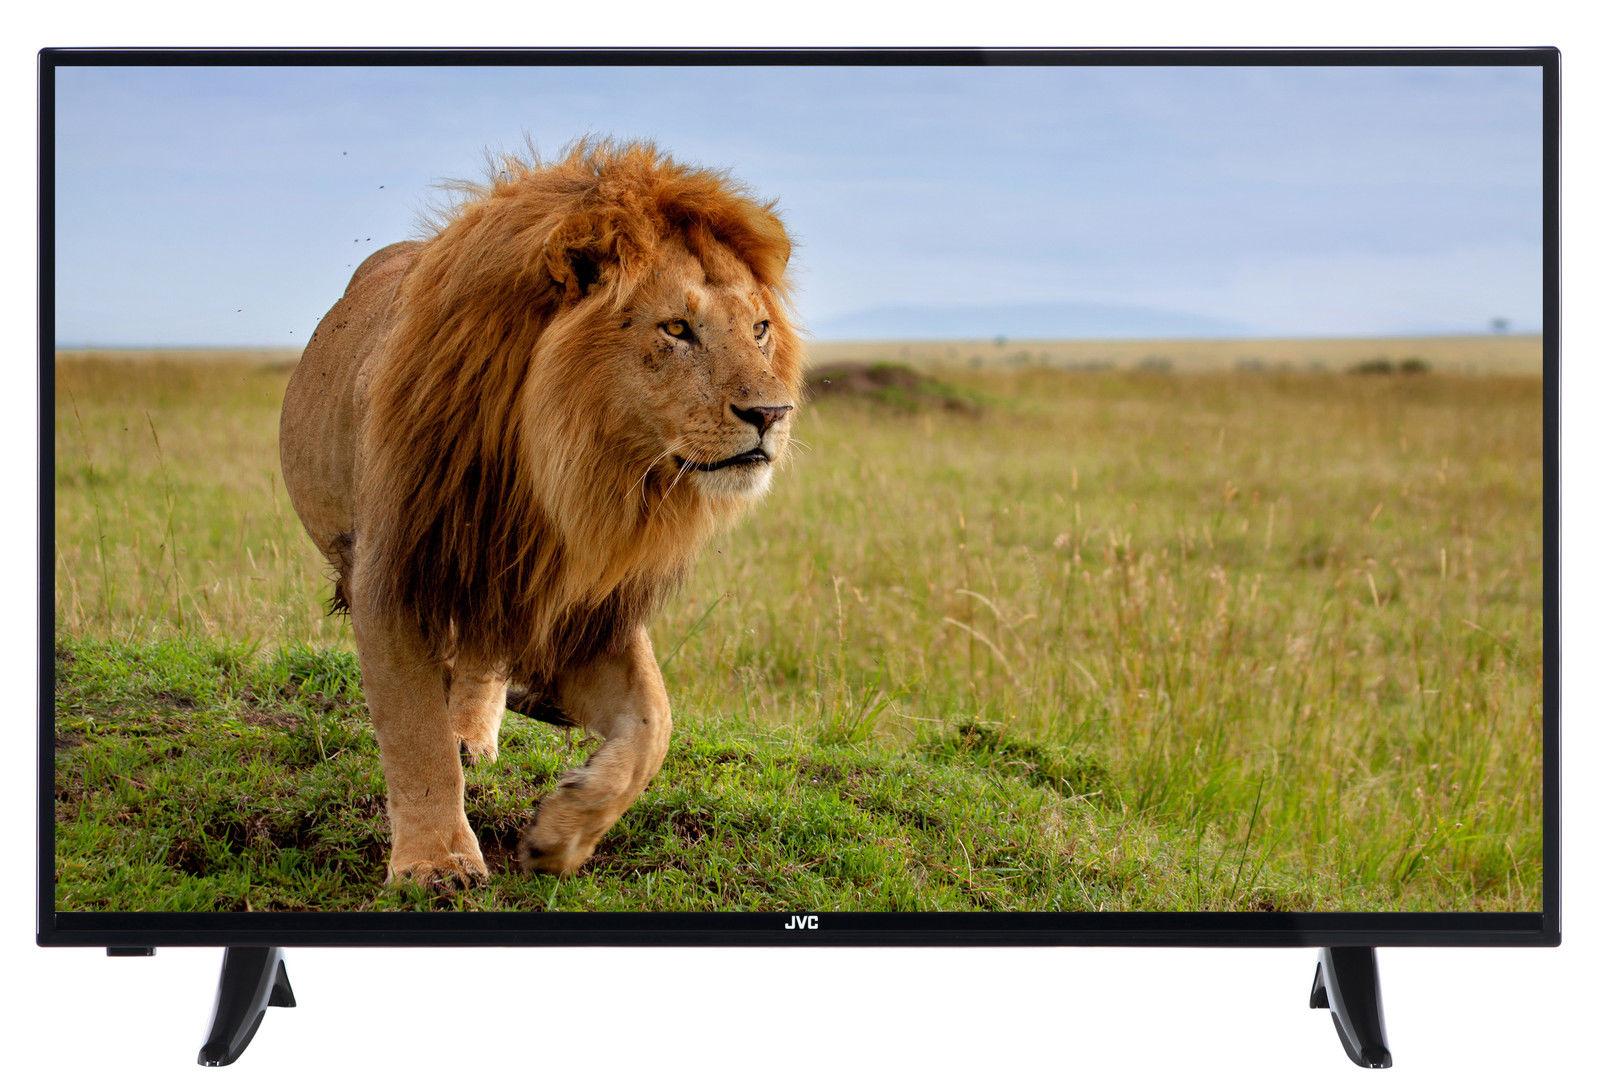 """eBay 15% Aktion: JVC LT-40VG764 LED Fernseher 40"""" Zoll 102cm Full HD TV DVB-C/-T/-S2 SmartTV WLAN L@ 246,40 Euro inkl. Versand"""